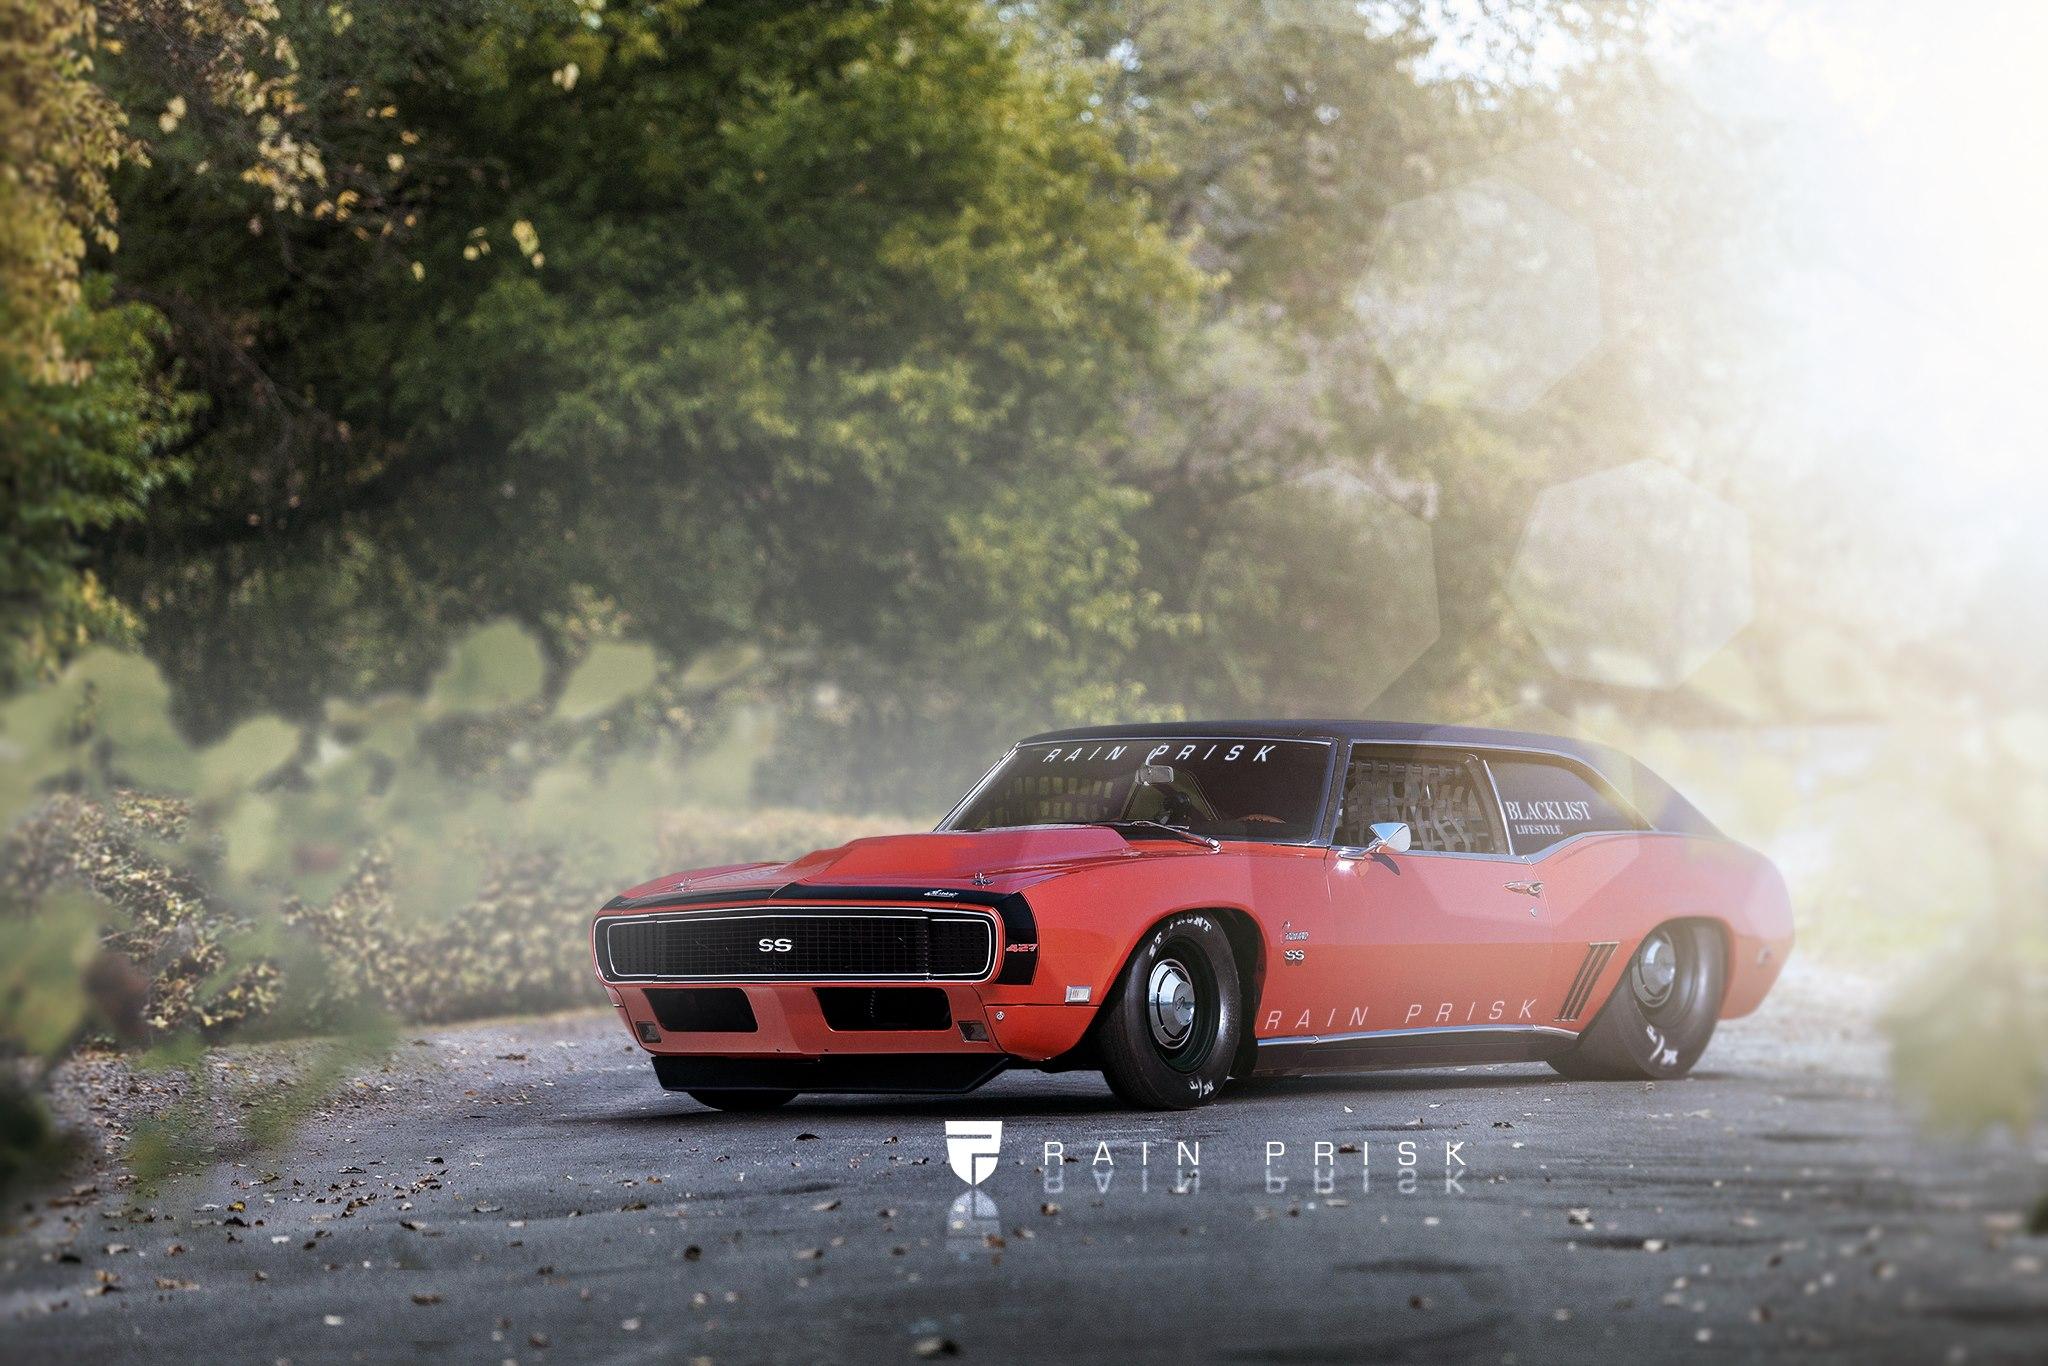 1968 Camaro Shooting Brake Rendering Looks Like A Drag